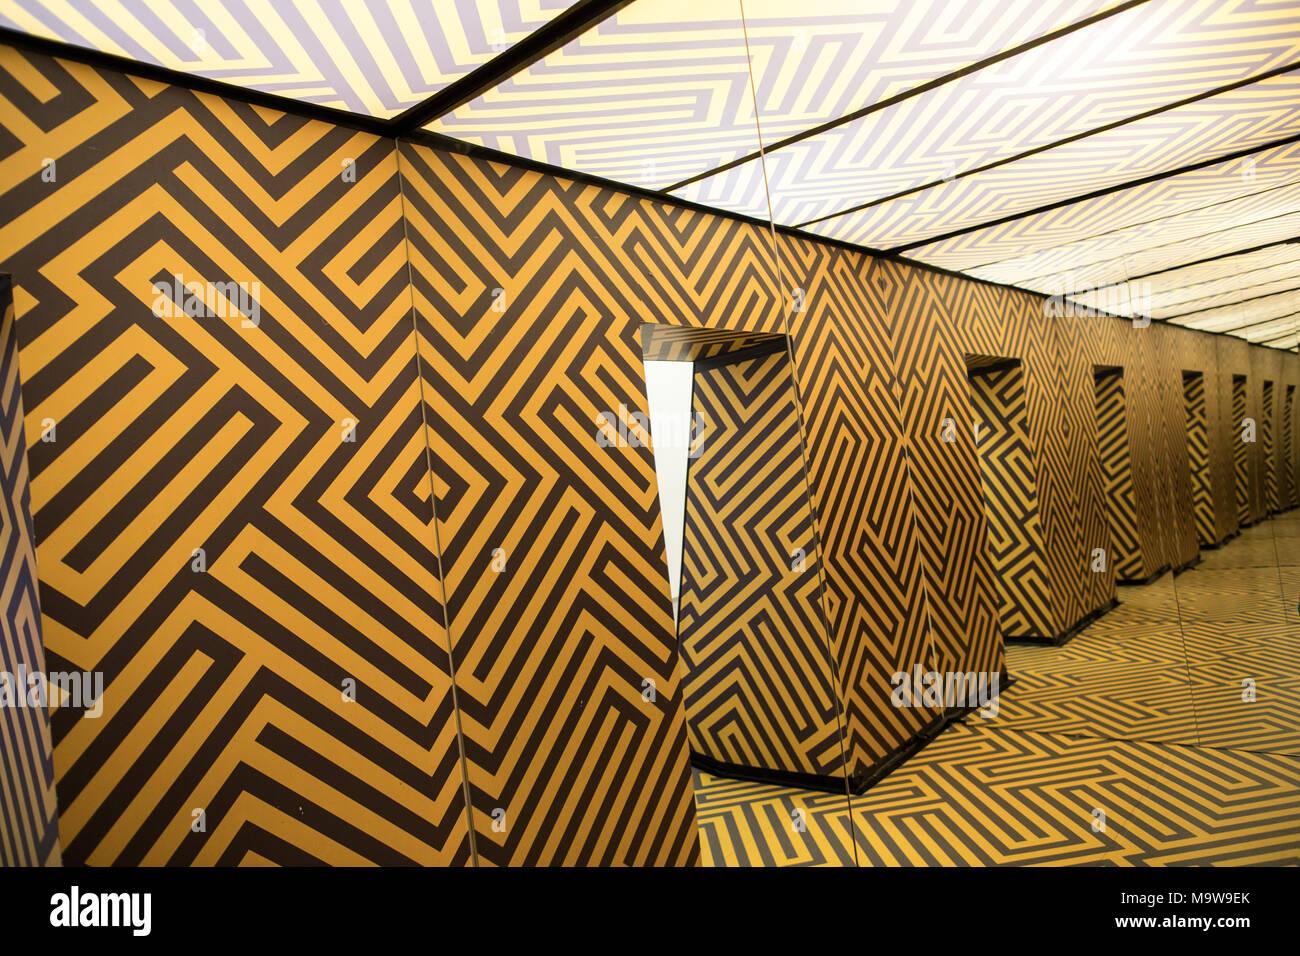 Interiores en el Museo de ilusiones Ljubljana Eslovenia Imagen De Stock